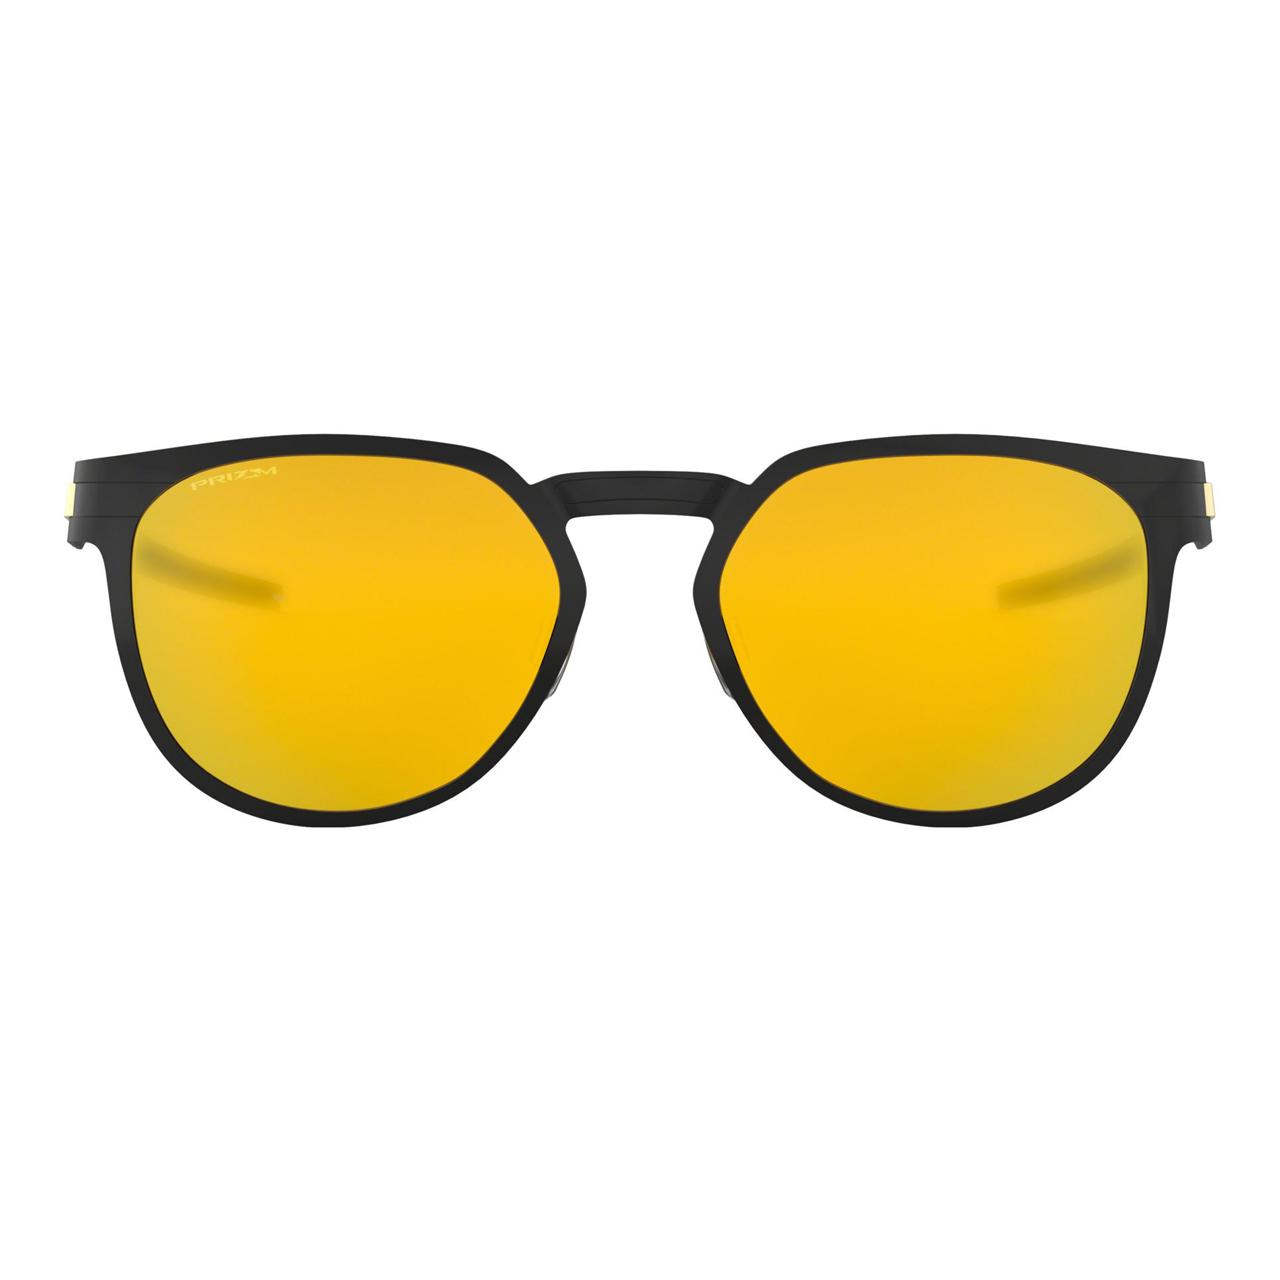 عینک آفتابی اوکلی مدل Diecutter Satin کد OO4137-0355 -  - 2